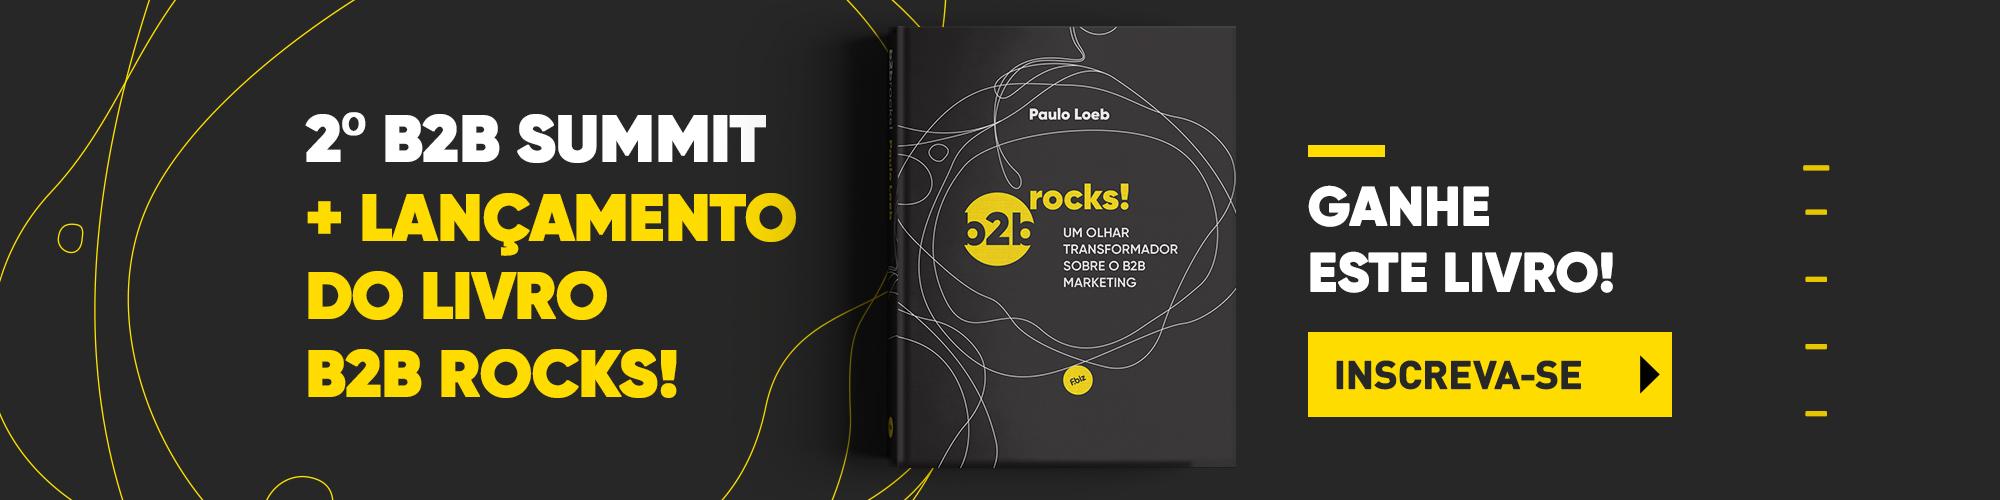 2ª Edição do B2B Summit apresenta cases, tendências de negócios e lançamento de livro na Unibes Cultural